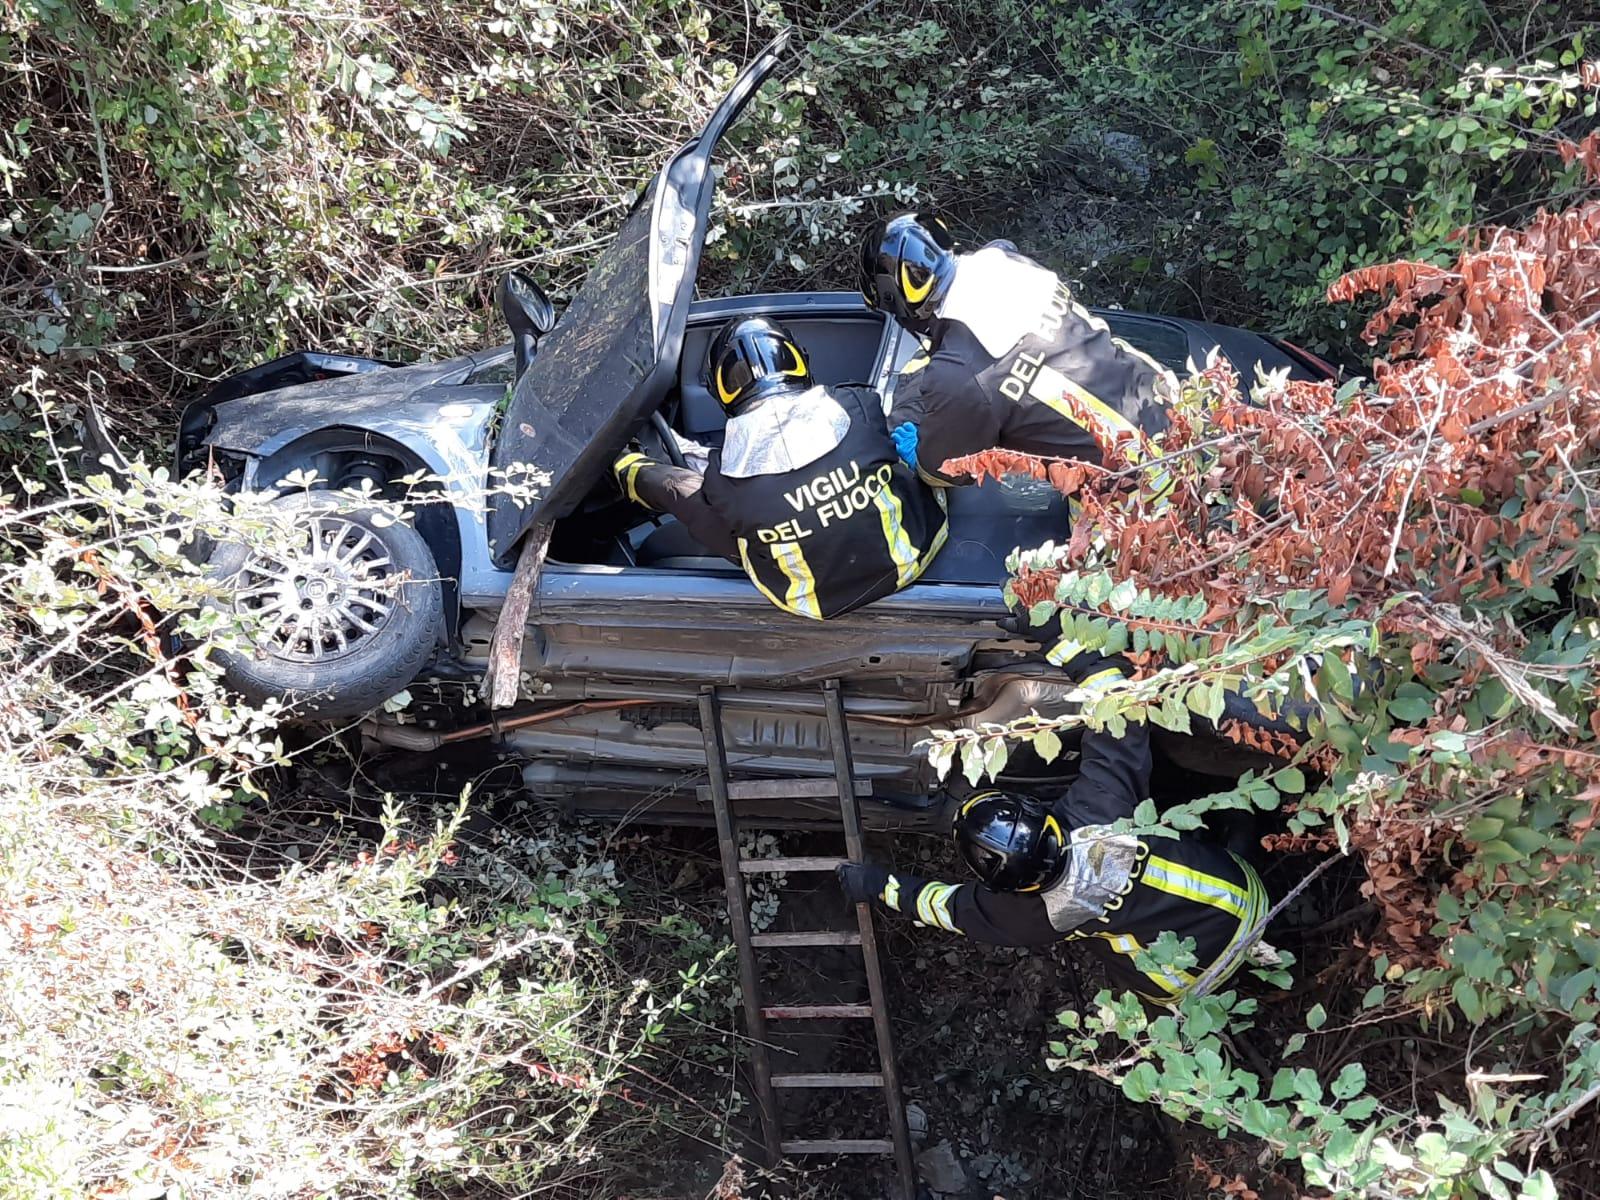 Trovata auto in un dirupo, vigili del fuoco salvano un uomo